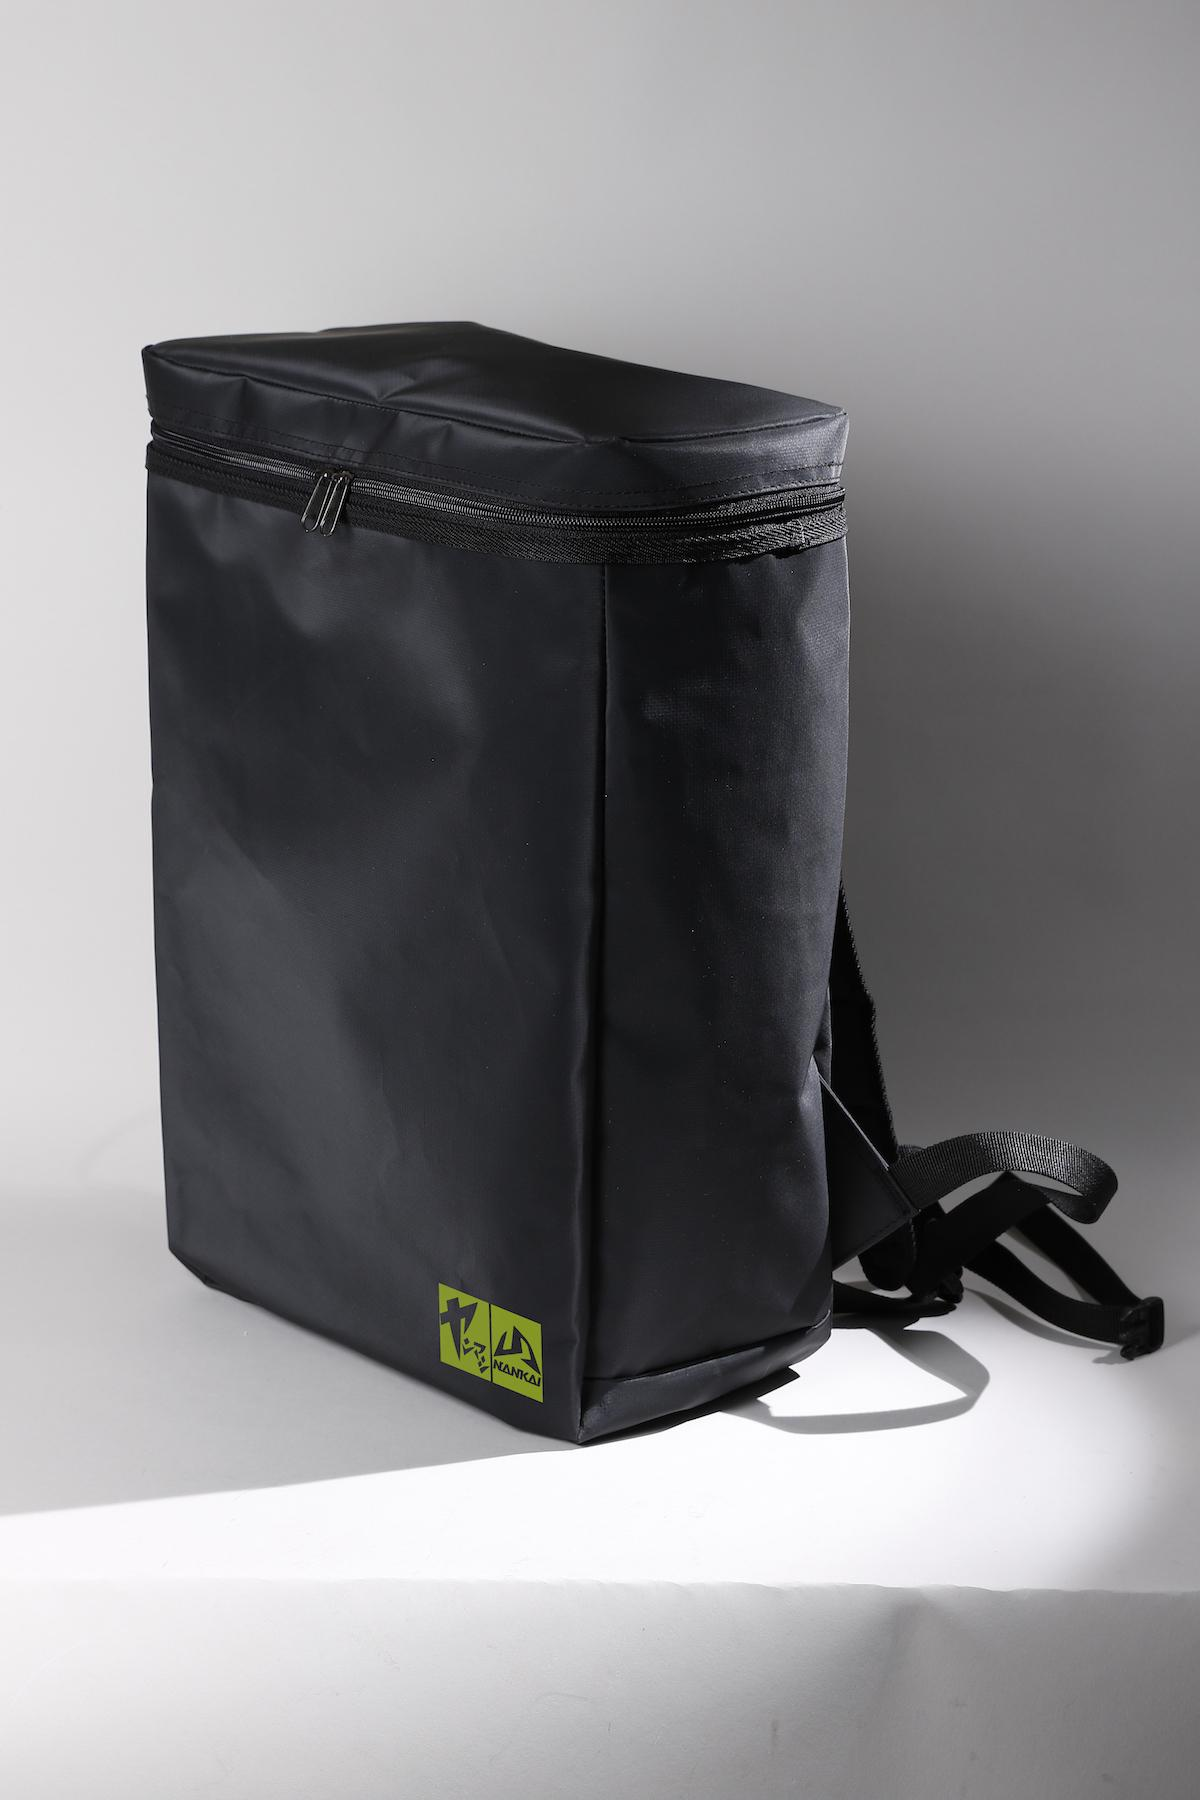 ではこのバッグをタダでもらう方法とは? 実は雑誌の定期購読申し込み特典でした♪